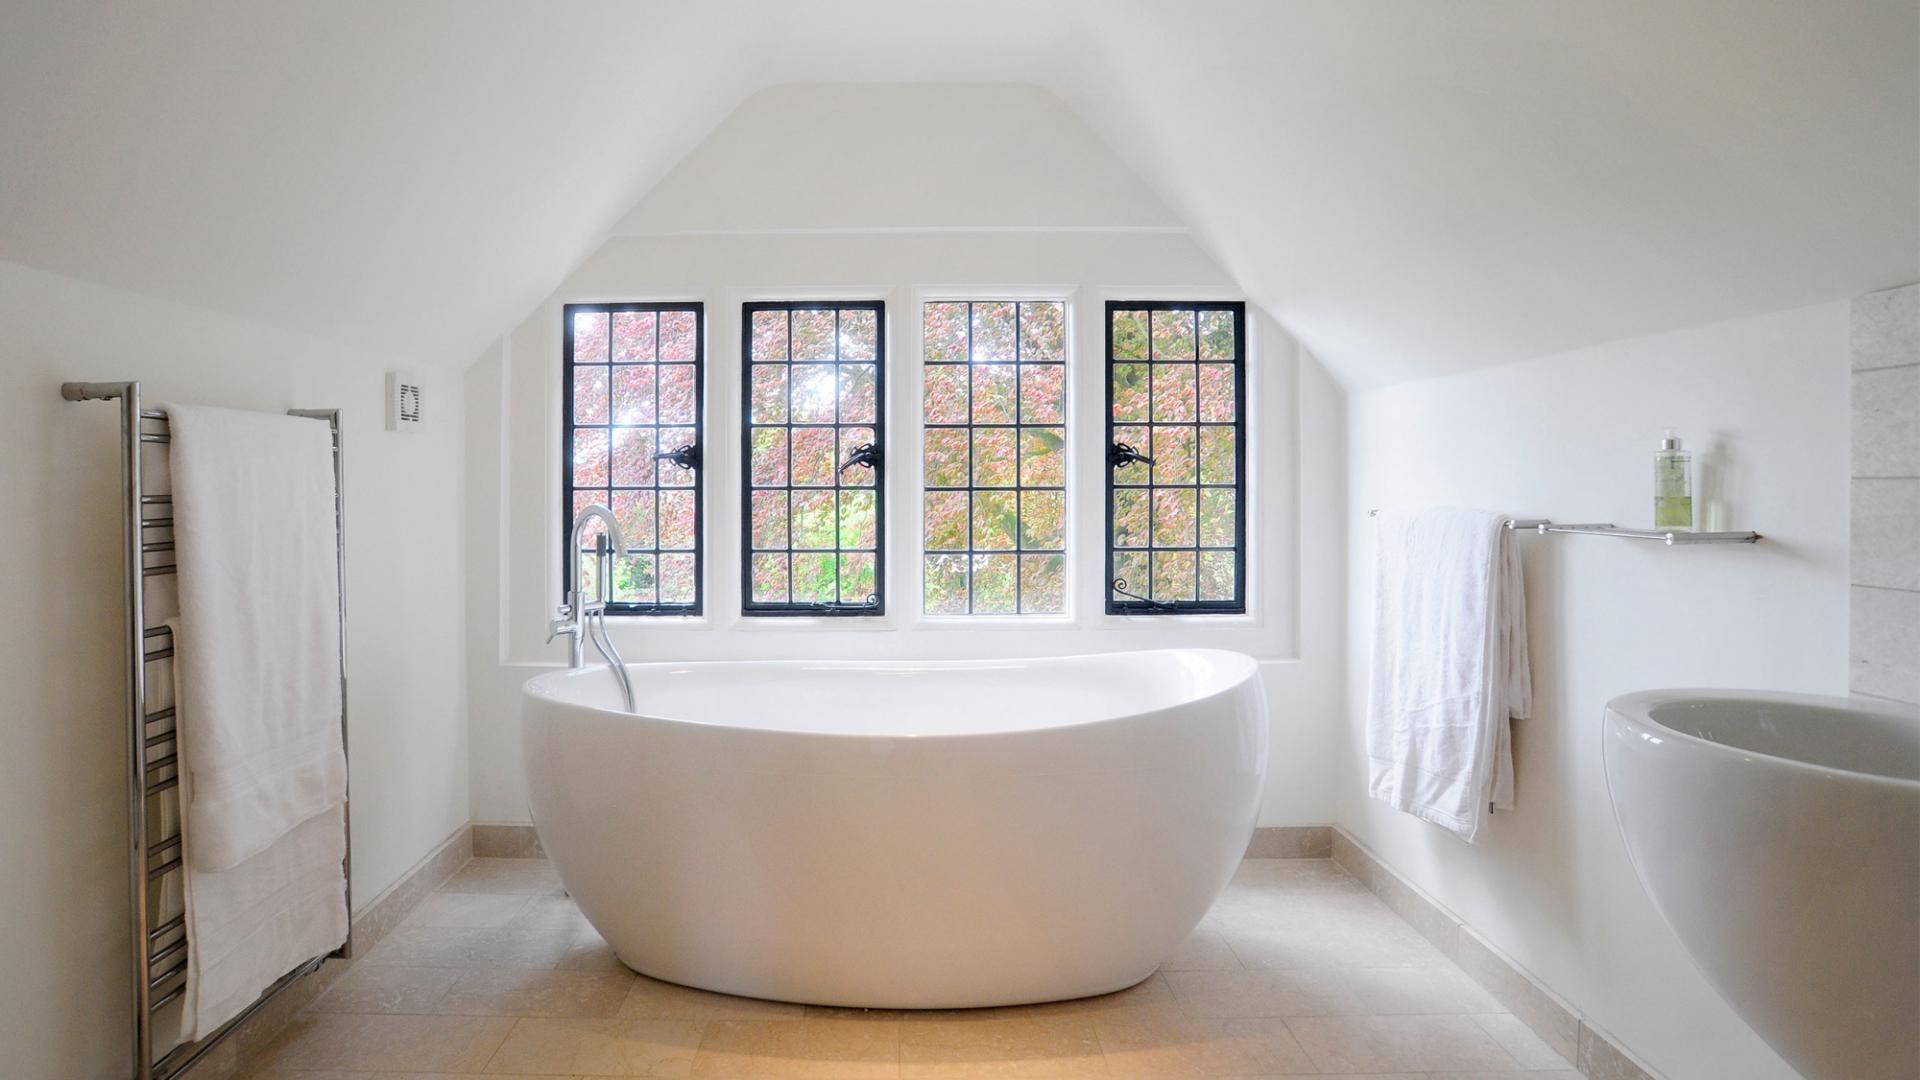 banheiro-com-banheira-ao-lado-das-janelas-Darrell Godliman